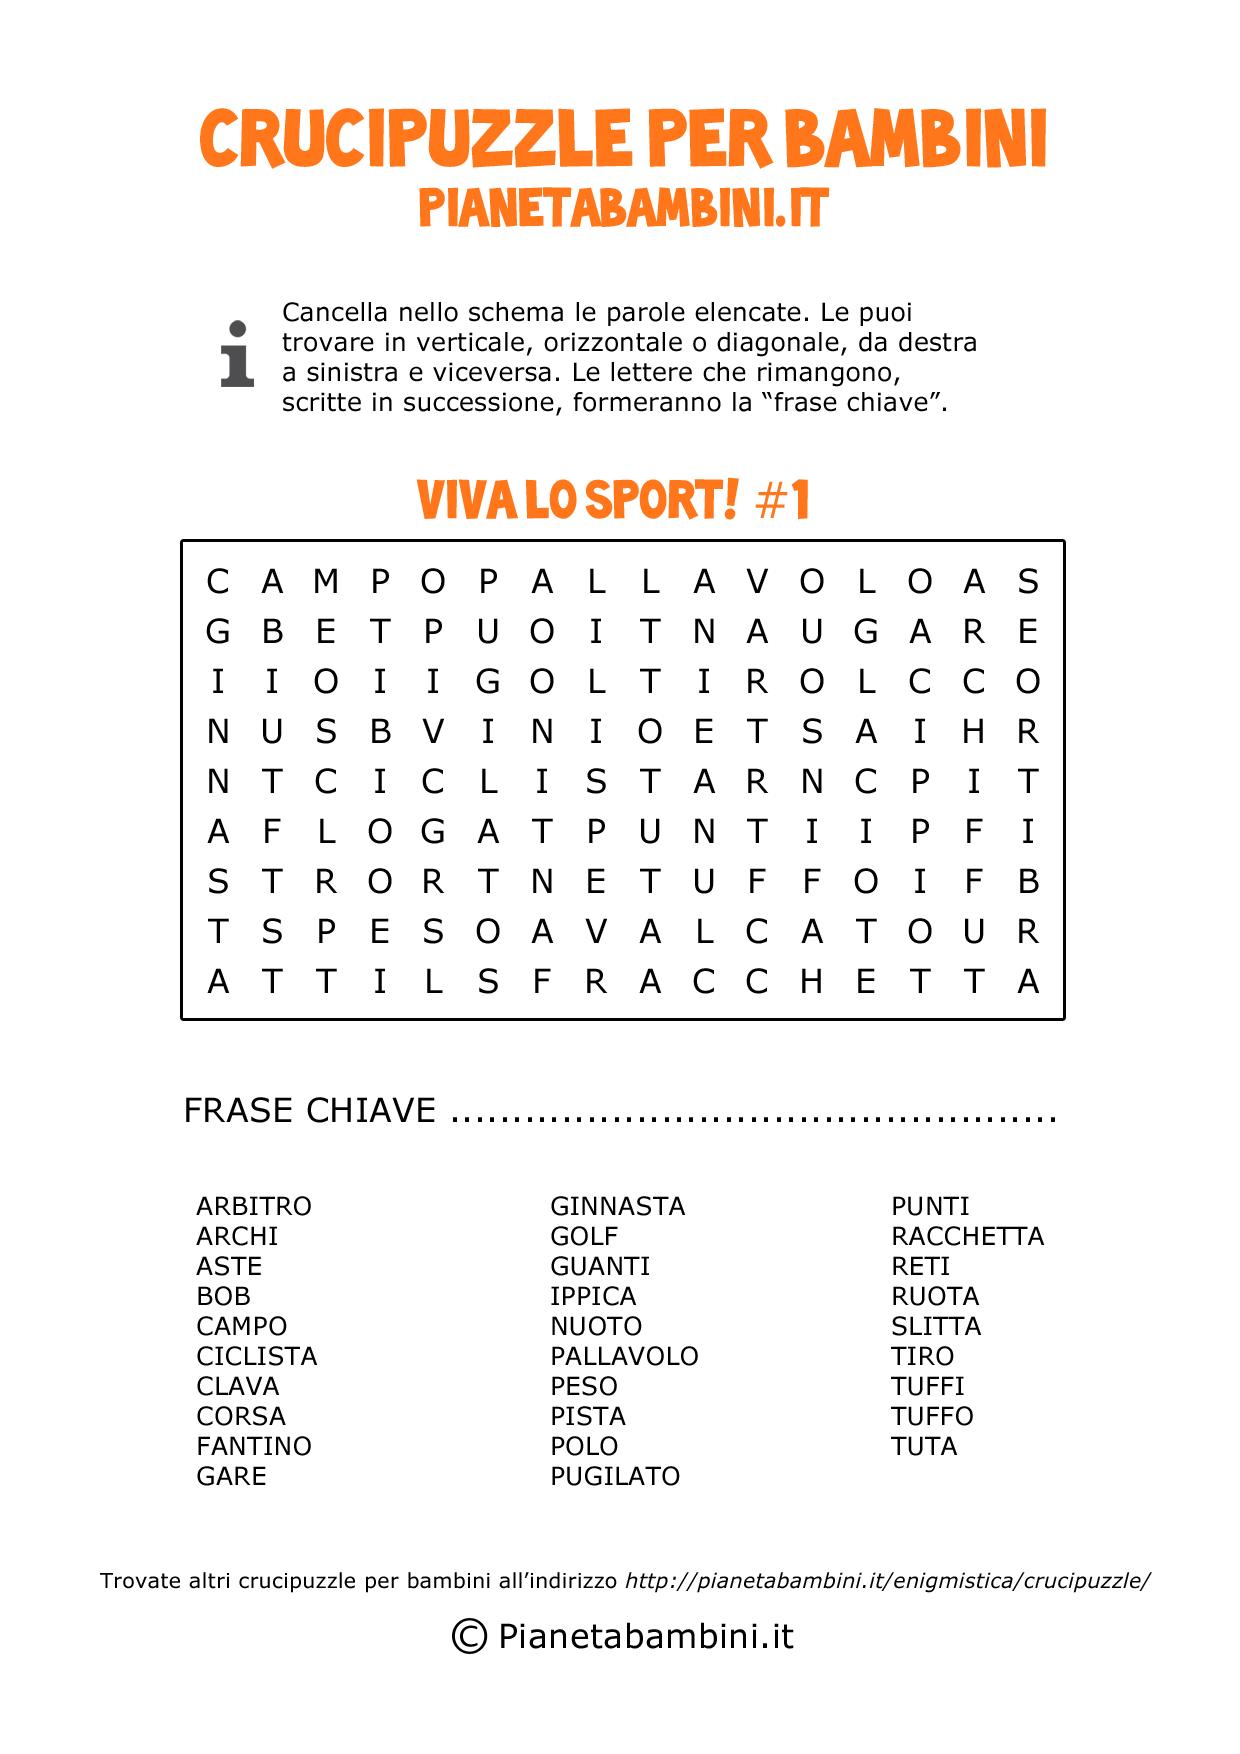 Crucipuzzle sullo sport n°1